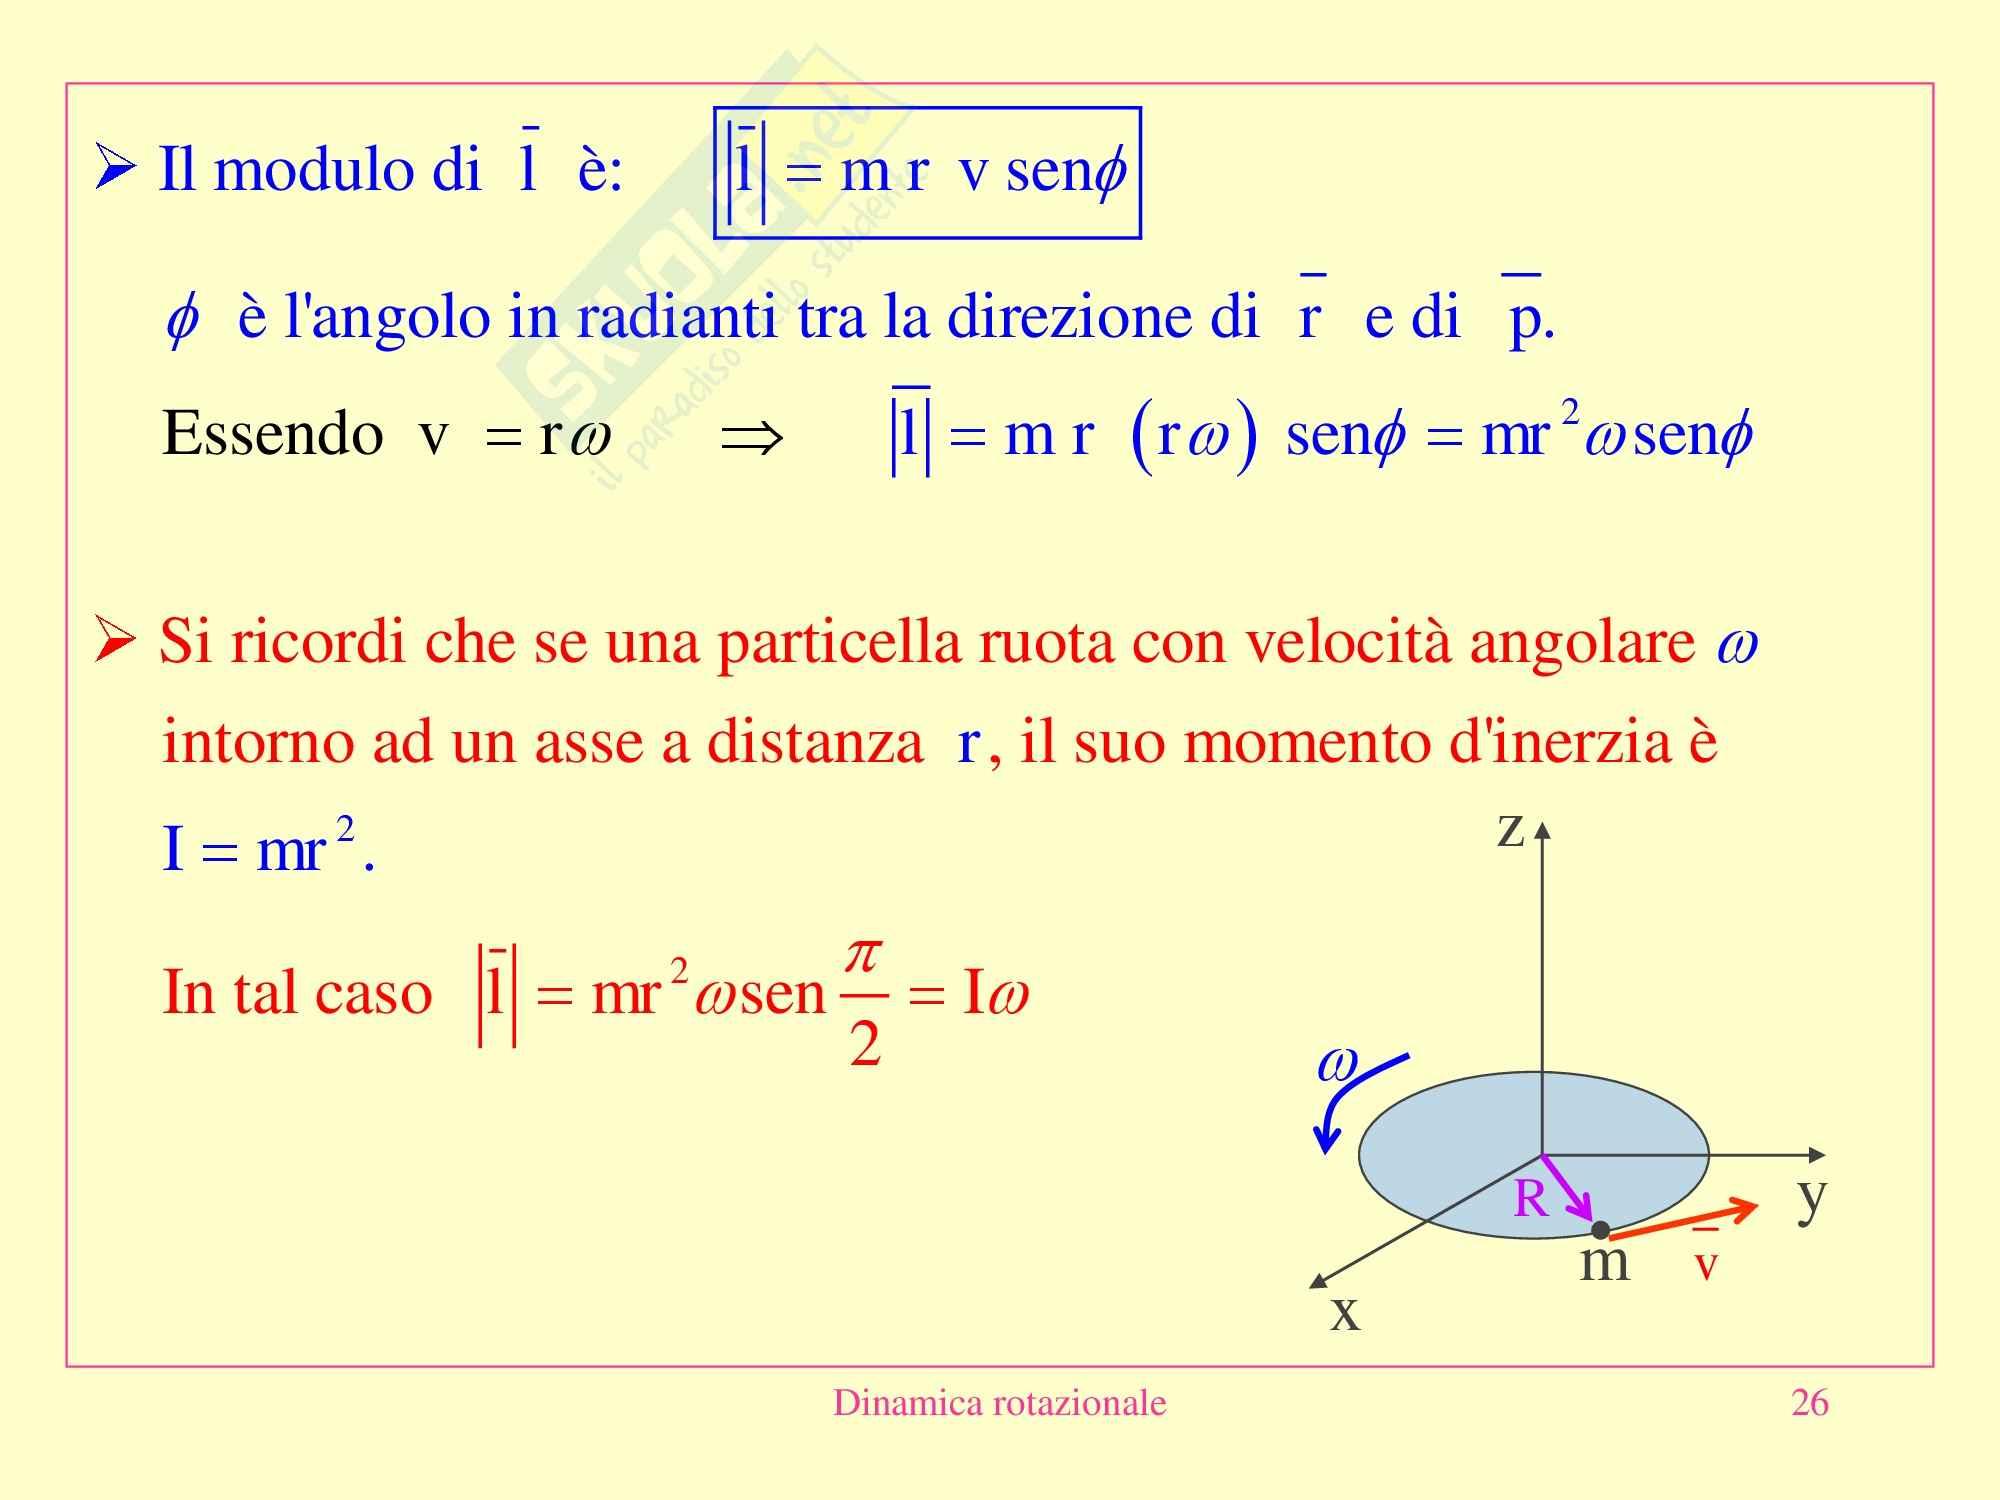 Fisica medica - dinamica rotazionale Pag. 26